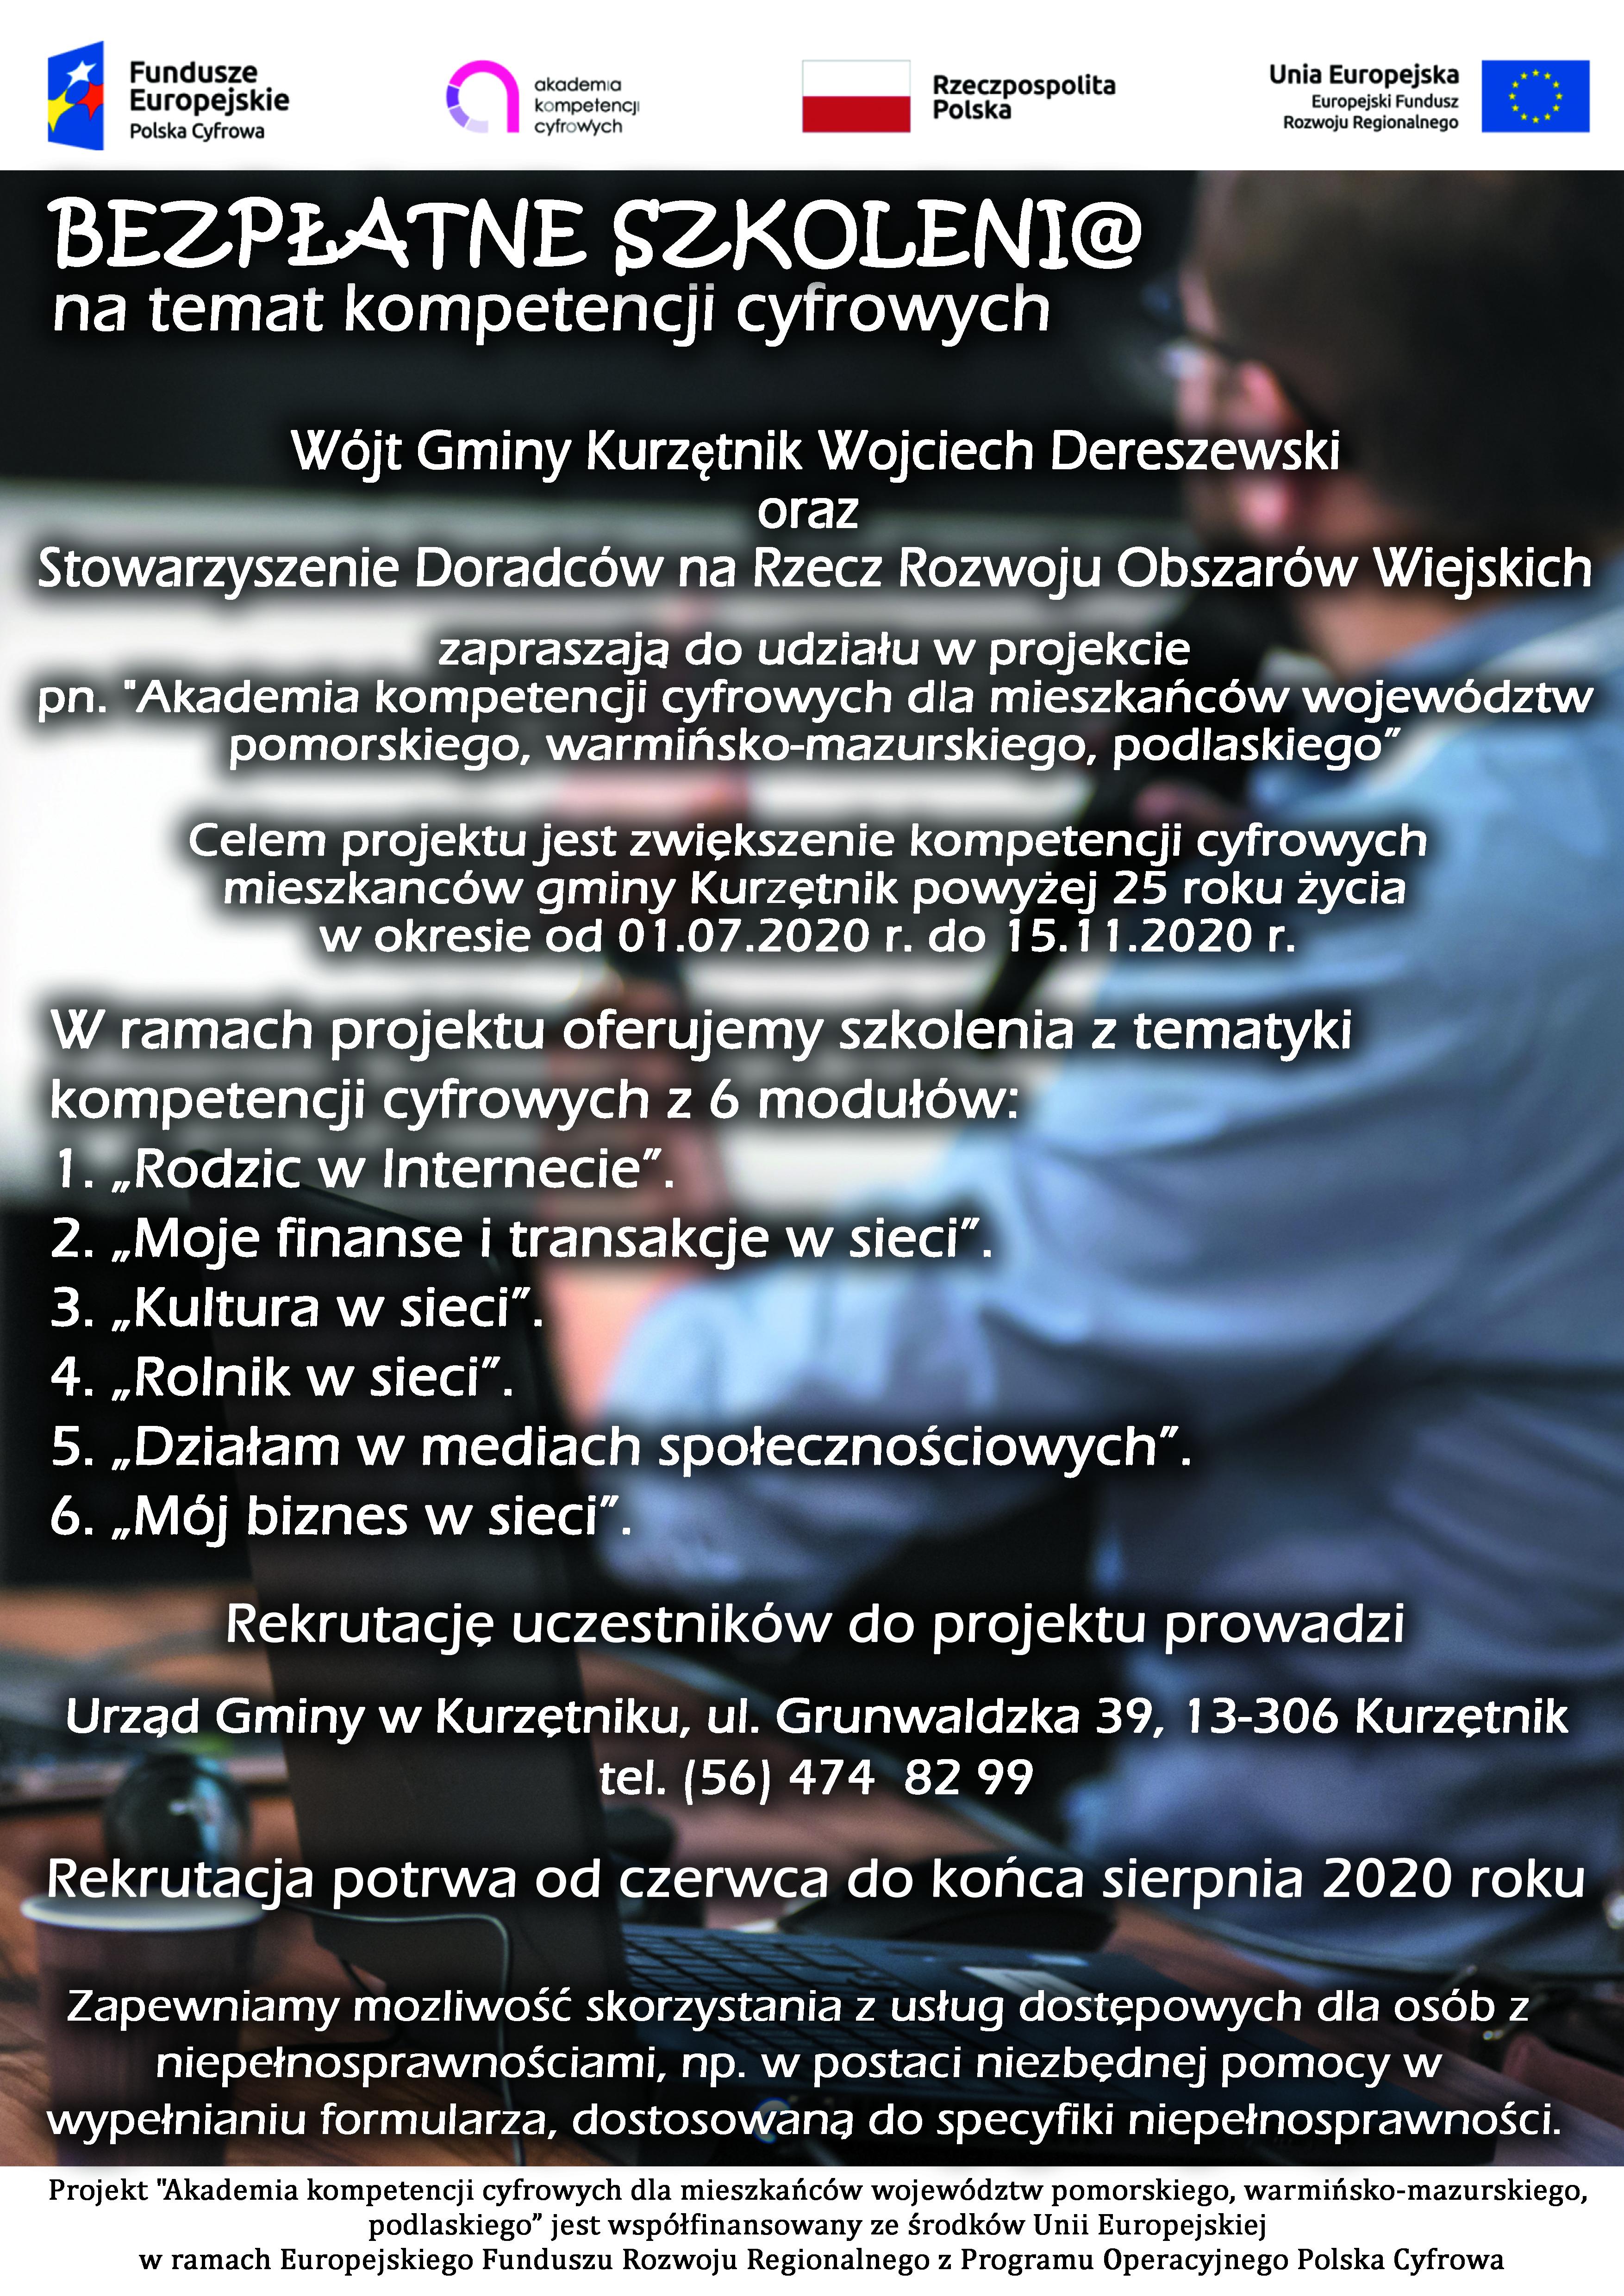 Ilustracja do informacji: Akademia kompetencji cyfrowych dla mieszkańców województw pomorskiego, warmińsko-mazurskiego, podlaskiego